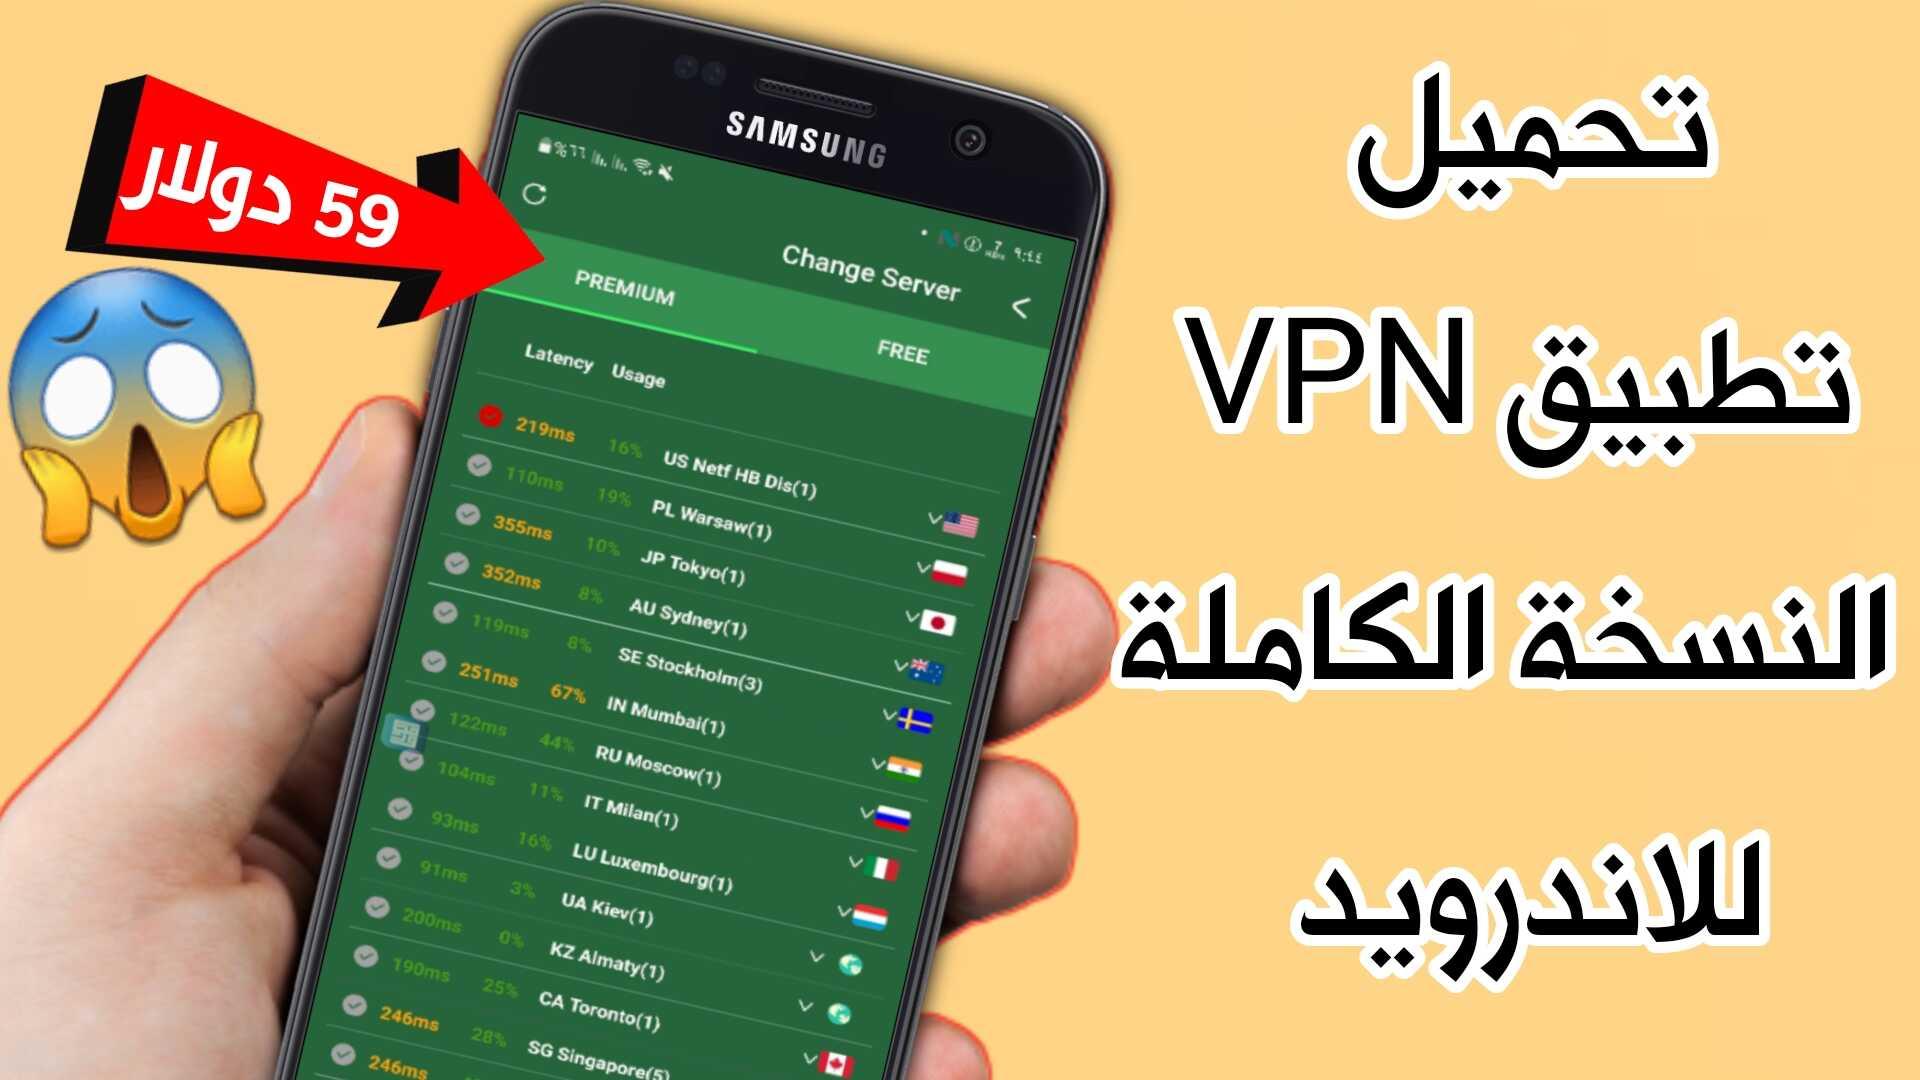 تحميل تطبيق VPN النسخة الكاملة للاندرويد